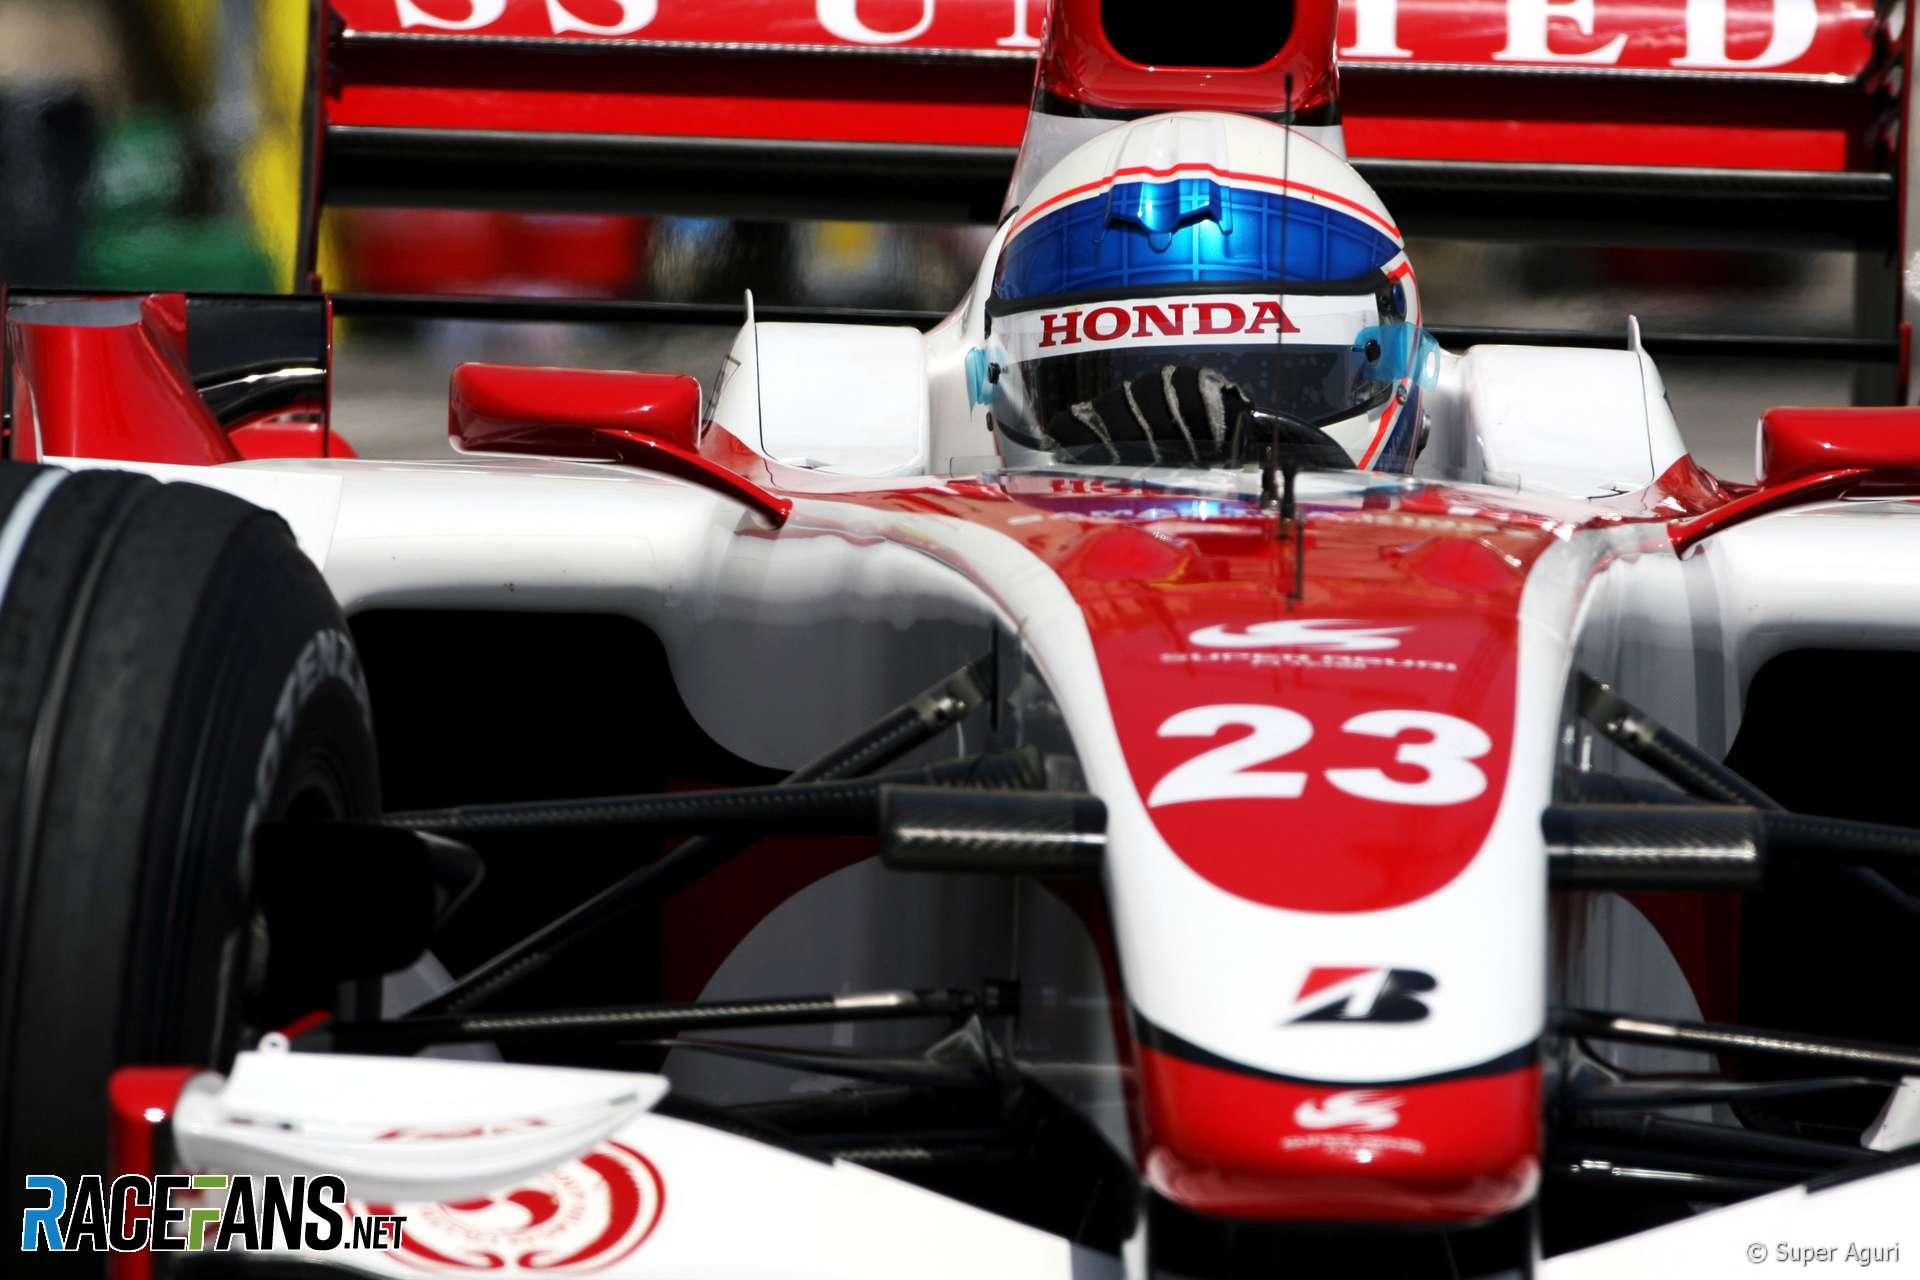 Anthony Davidson, Super Aguri, Monte-Carlo, Monaco, 2007